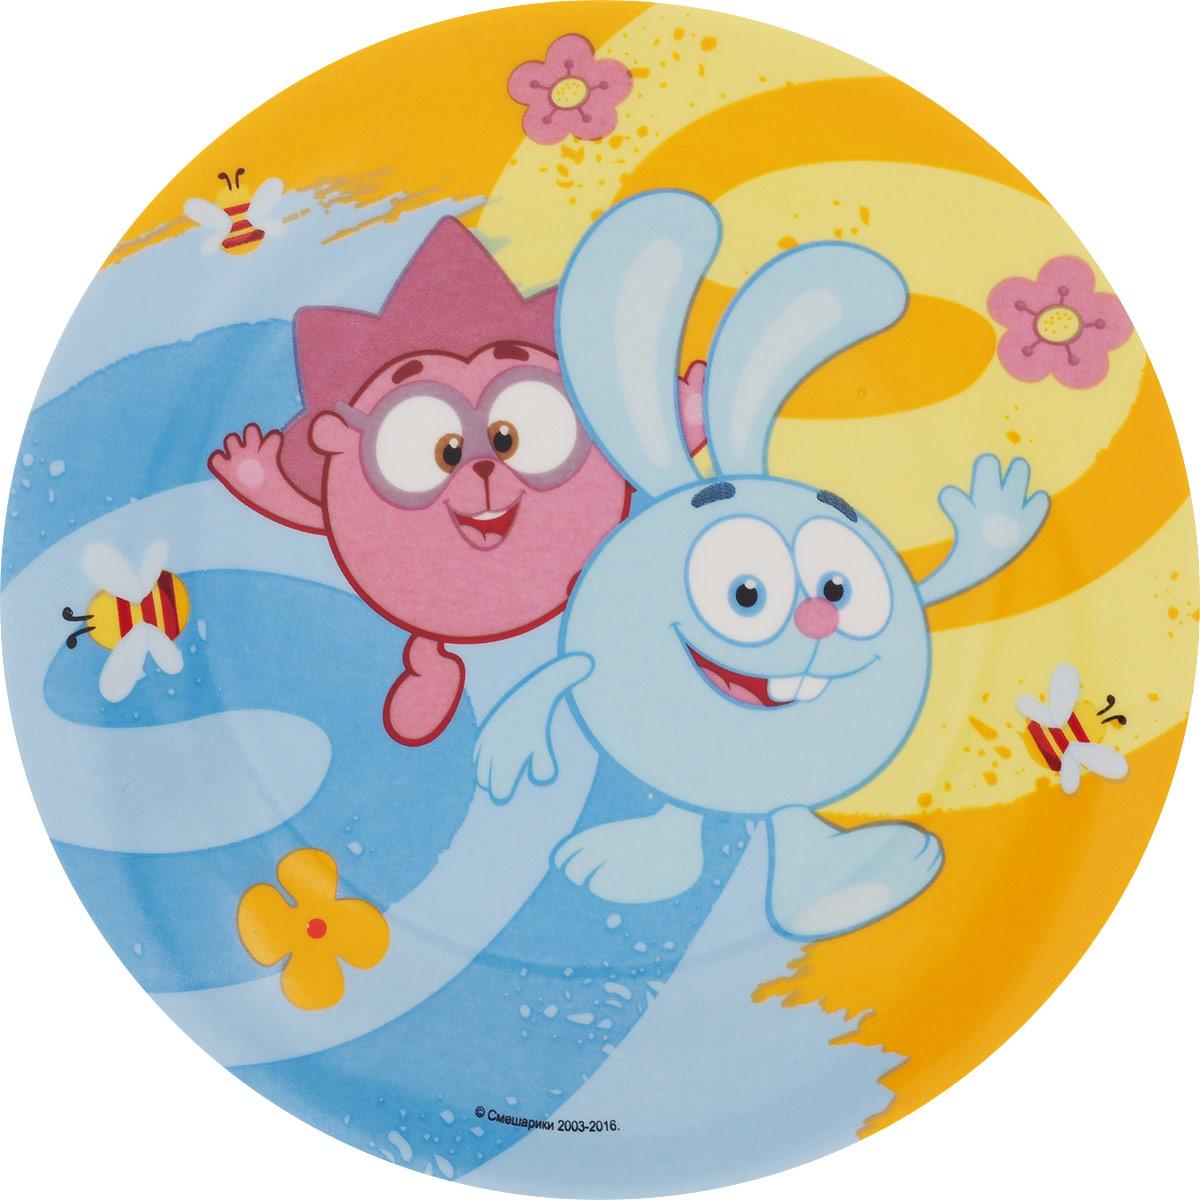 Смешарики Тарелка детская Друзья диаметр 19 смSMP190-2Детская тарелка Смешарики Друзья идеально подойдет для кормления малыша и самостоятельного приема пищи. Тарелка выполнена из керамики, ее широкие бортики обеспечат удобство кормления и предотвратят случайное проливание жидкой пищи.Тарелка оформлена яркими изображениями героев мультсериала Смешарики. Она предназначена для горячей и холодной пищи, подходит для мытья в посудомоечной машине и использования в микроволновой печи.Яркая тарелка с любимыми героями порадует малыша и сделает любой прием пищи приятным и веселым.